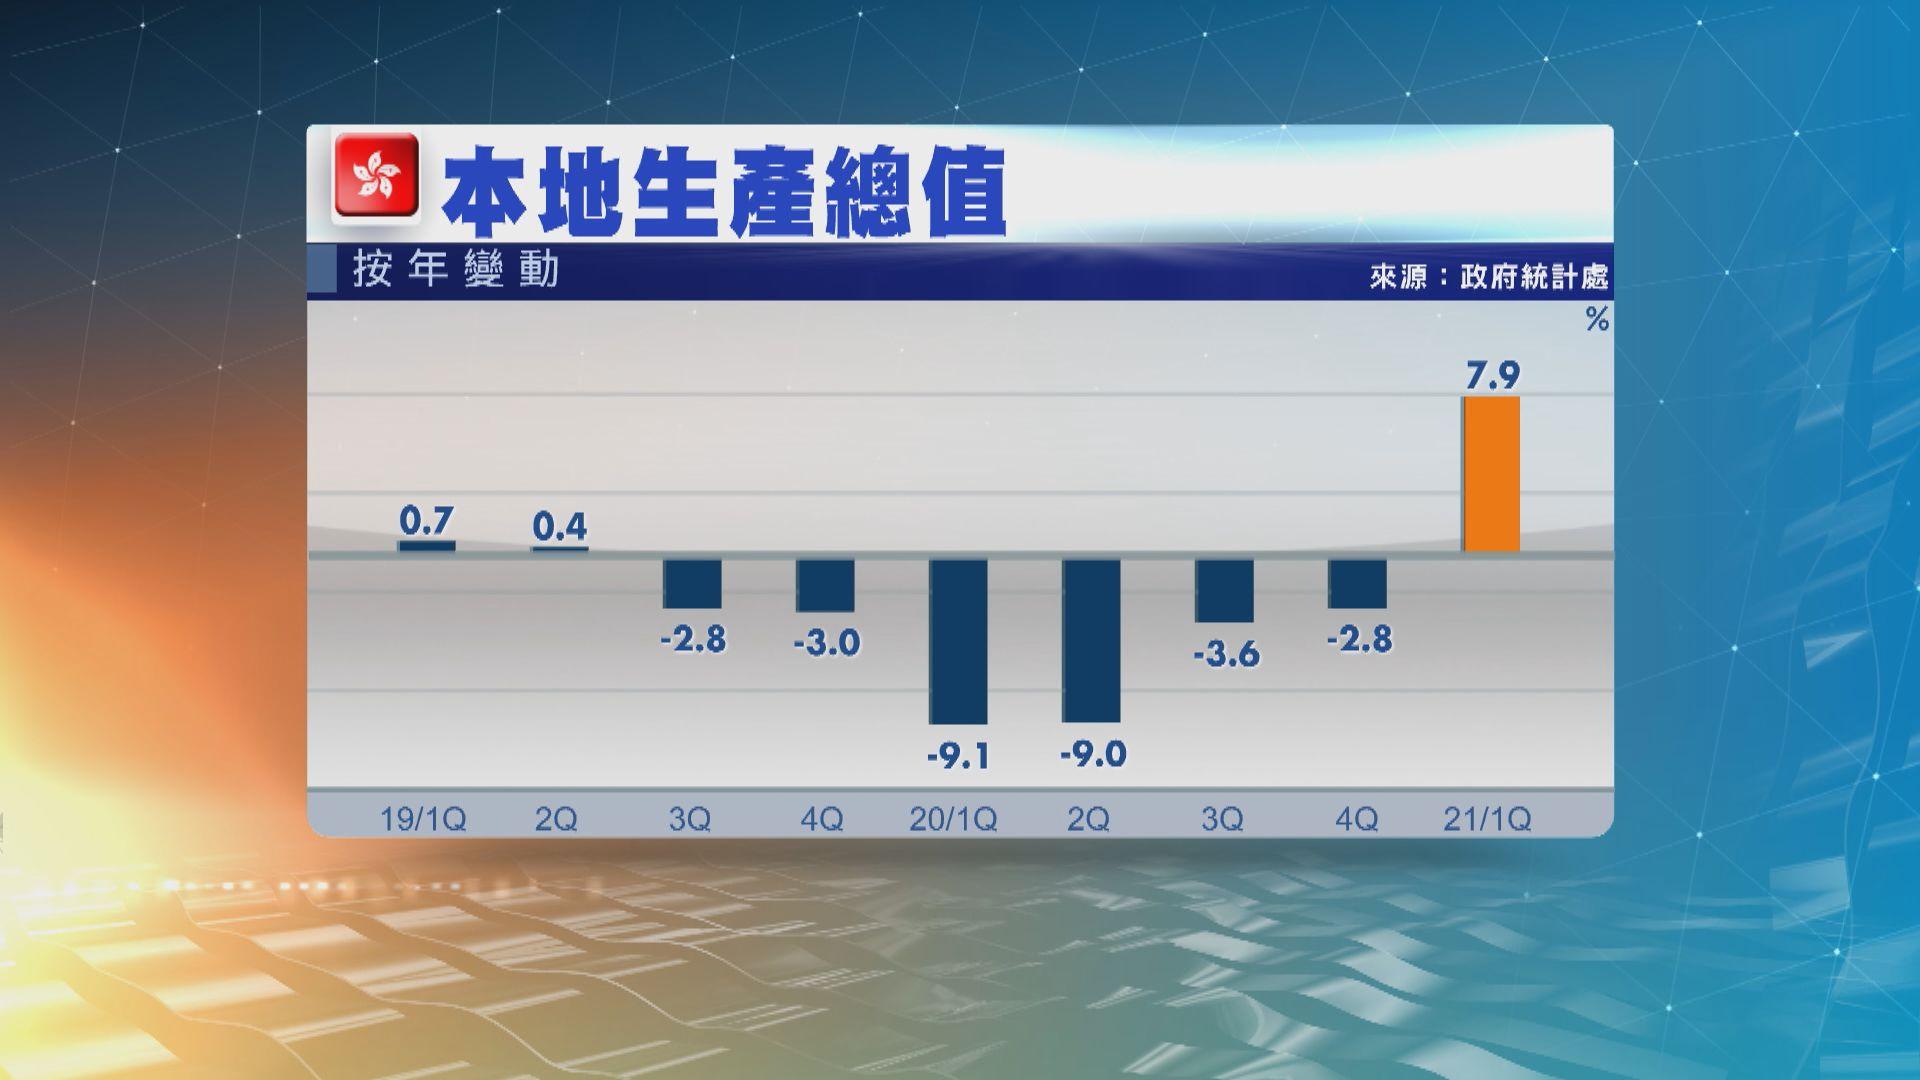 政府全年經濟增長預測維持3.5%至5.5%